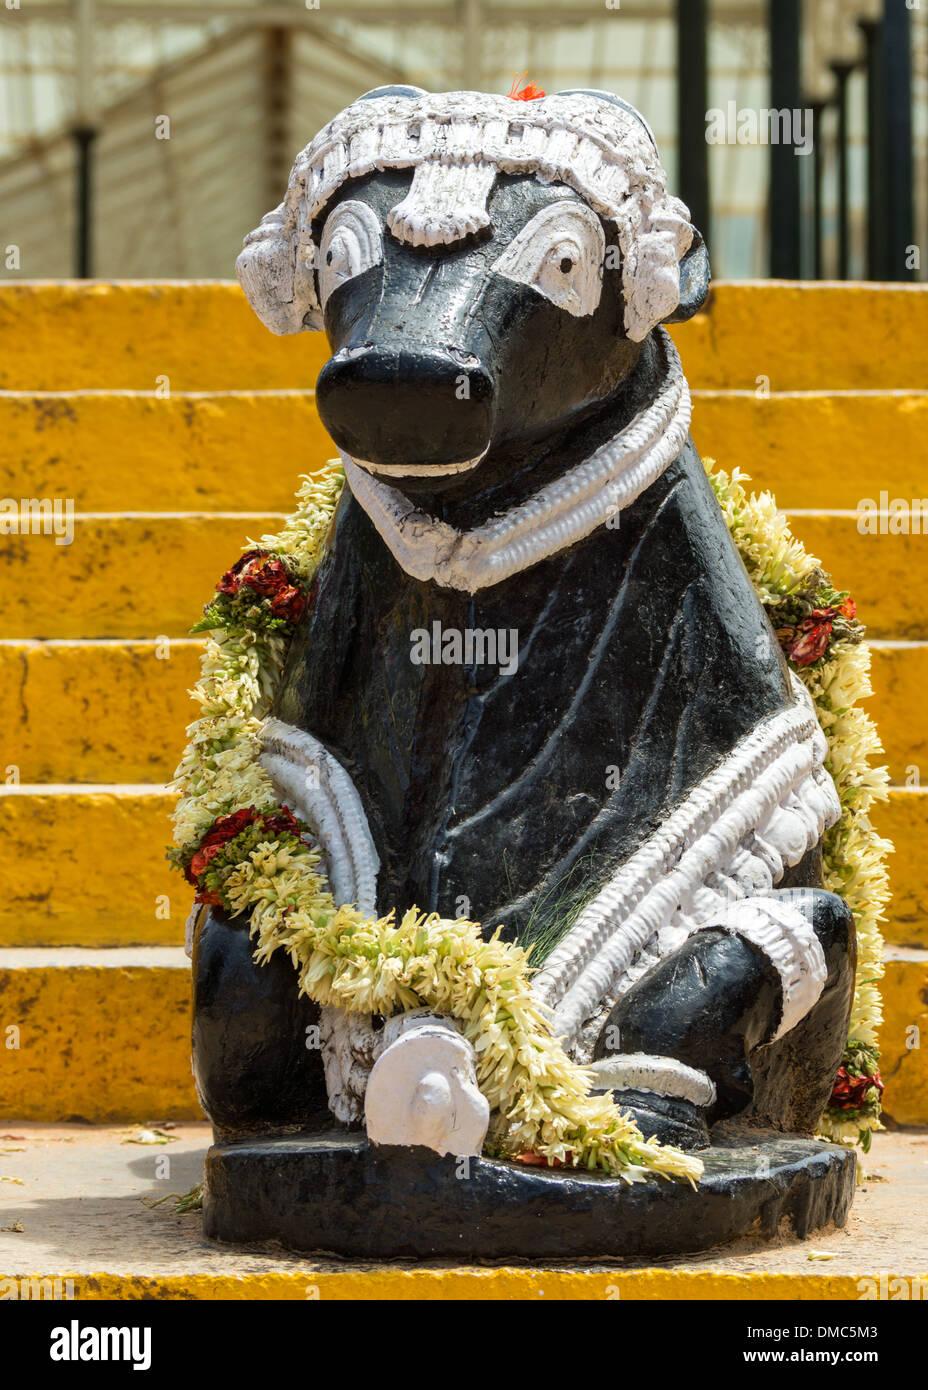 Statue de Nandi au Jardin Botanique Lal Bagh dans Bengaluru. Photo Stock